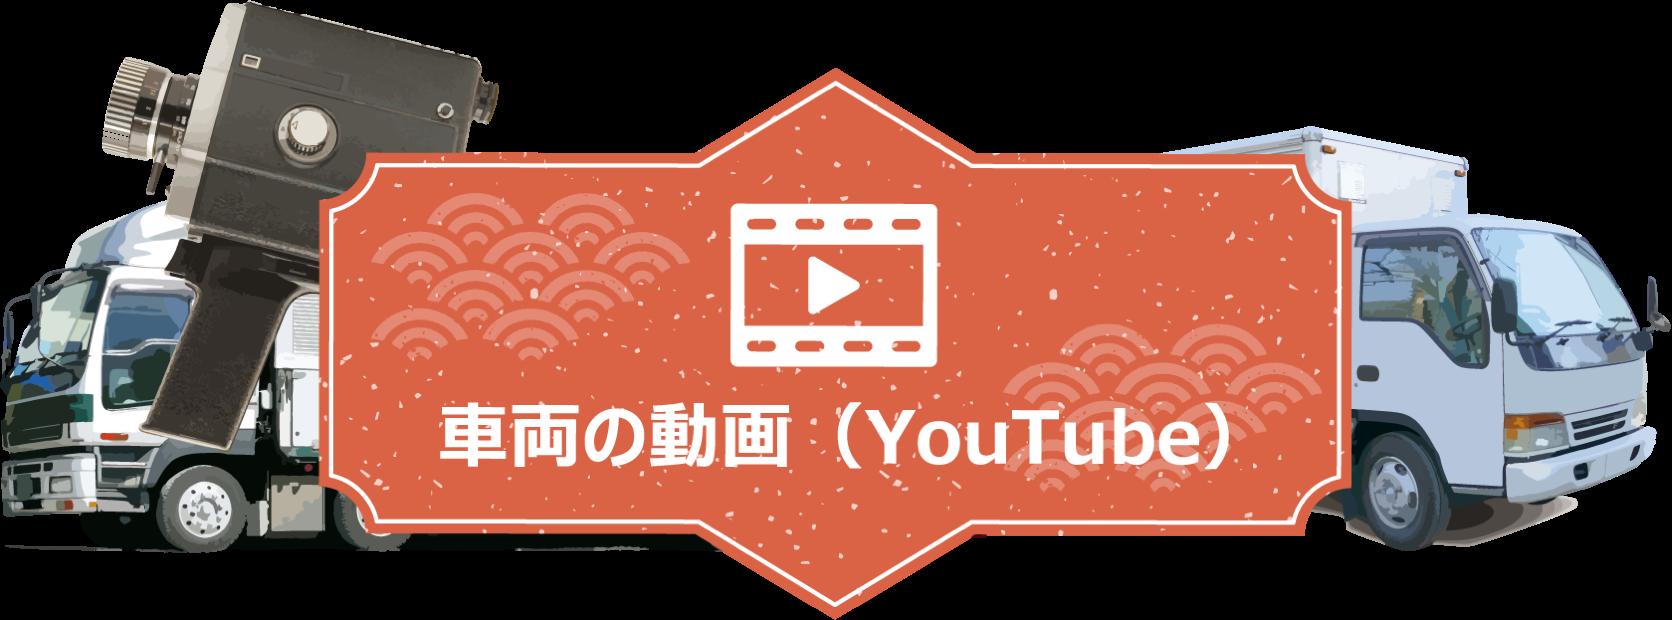 車輌の動画(YouTube)